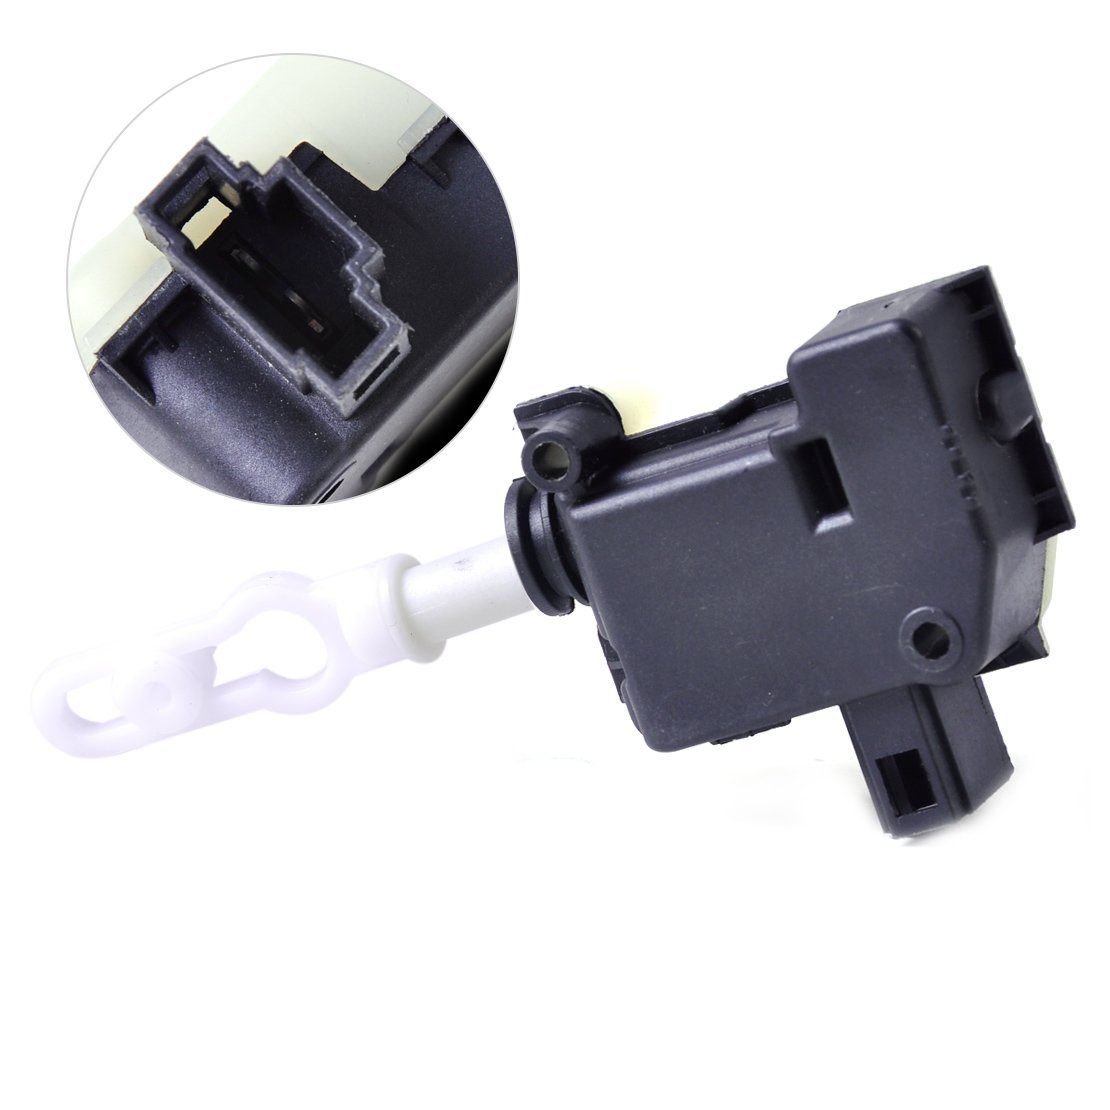 Daphot-Store - 1Pc Remote Trunk Lock Release Actuator Motor 8E5962115B fit for Audi A2 2000-2005 A4 B6/B6 Quattro 2001 2002-2005